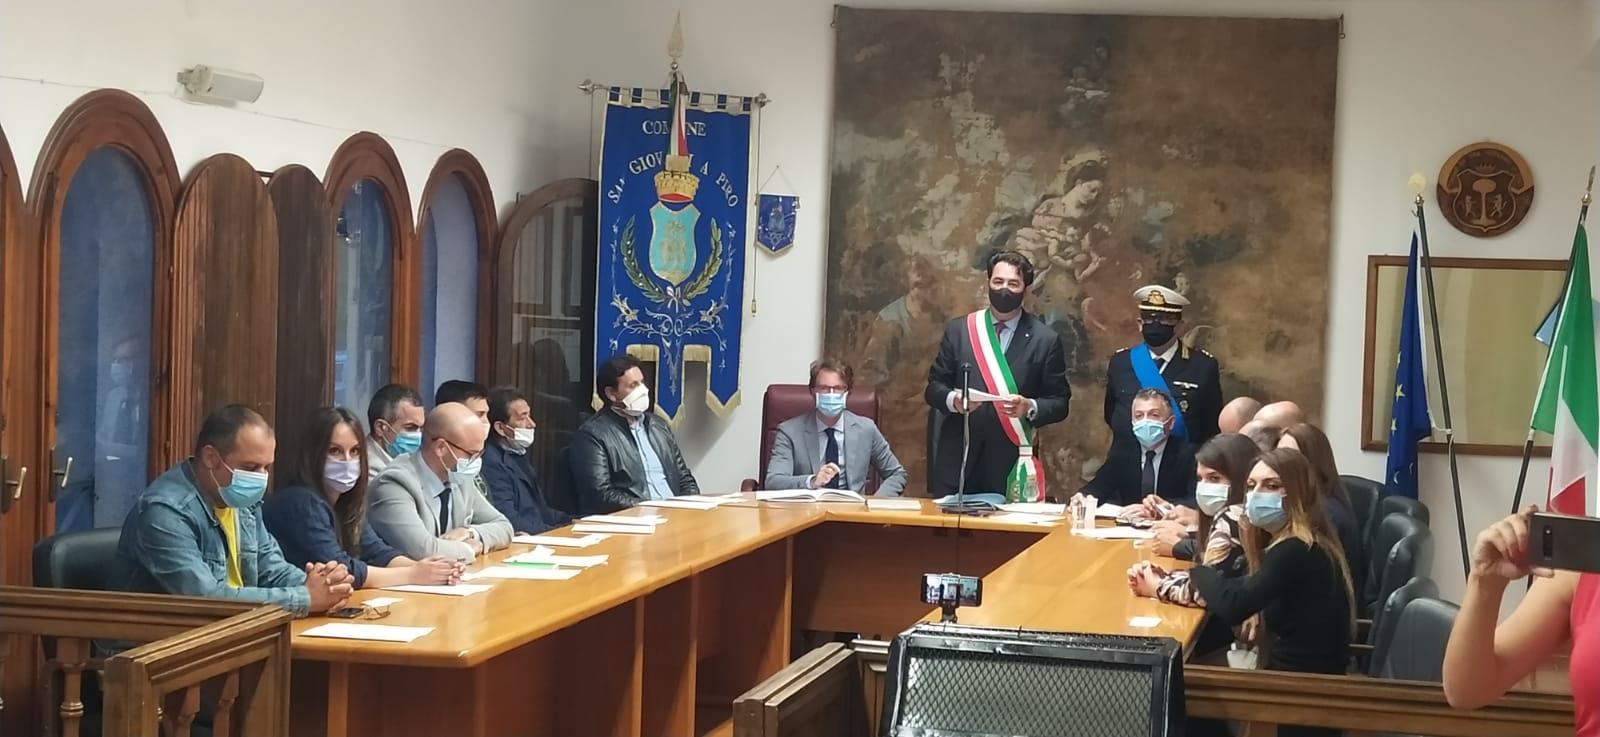 Insediamento del consiglio comunale a San Giovanni a Piro